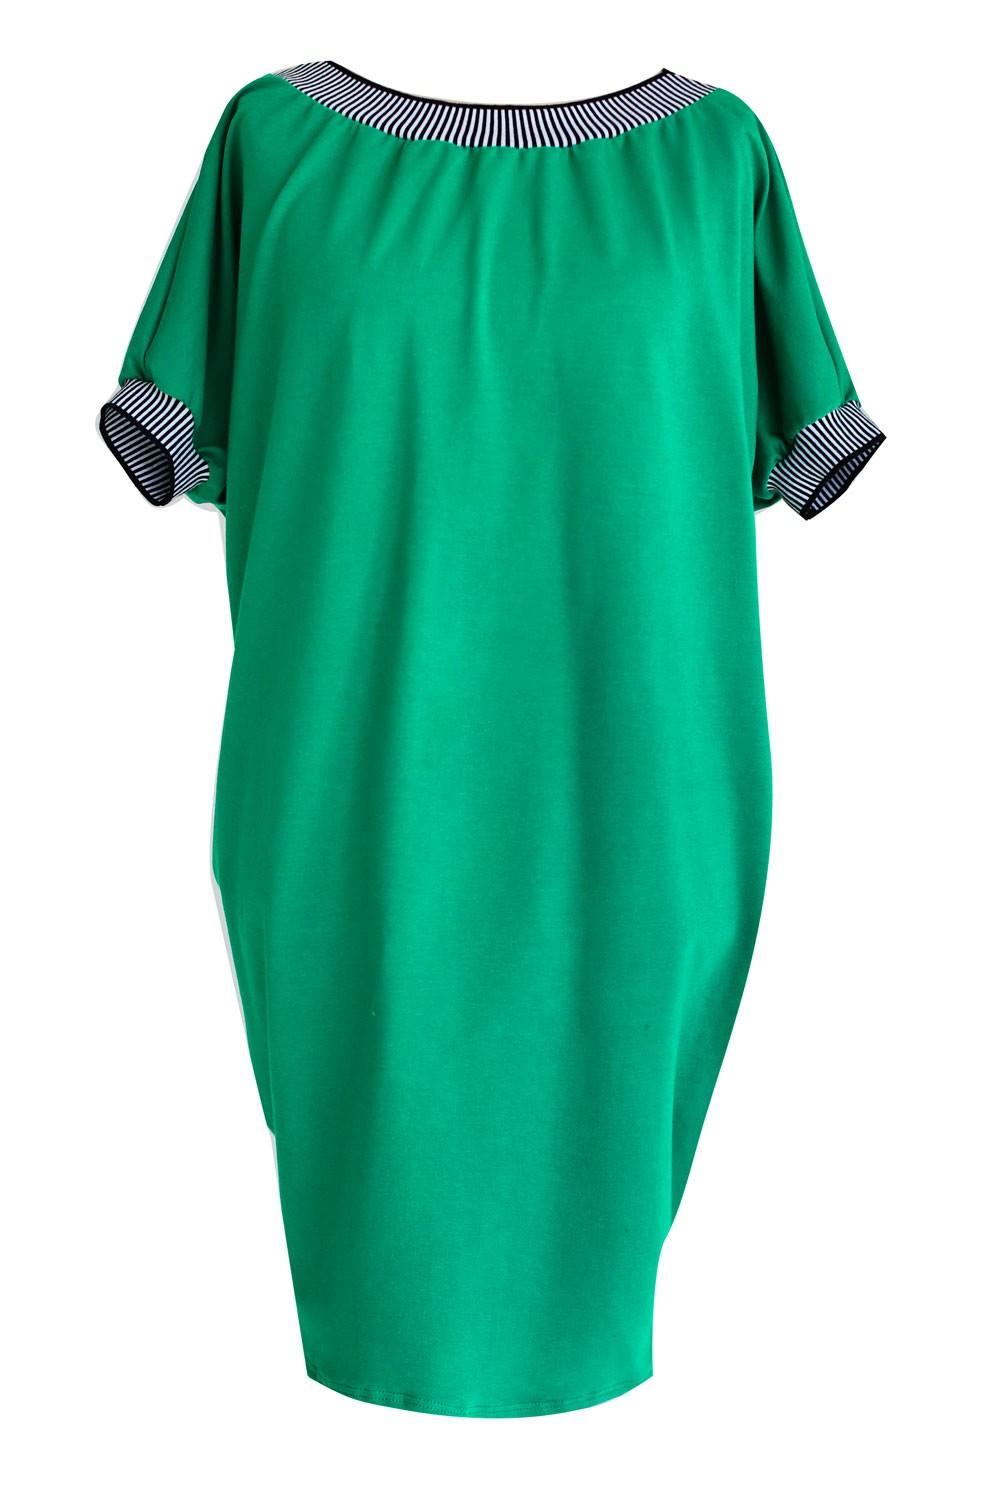 48adcac9 Sukienka ze ściągaczem WHITNEY - kolor zielony - PLUS SIZE XL-ka